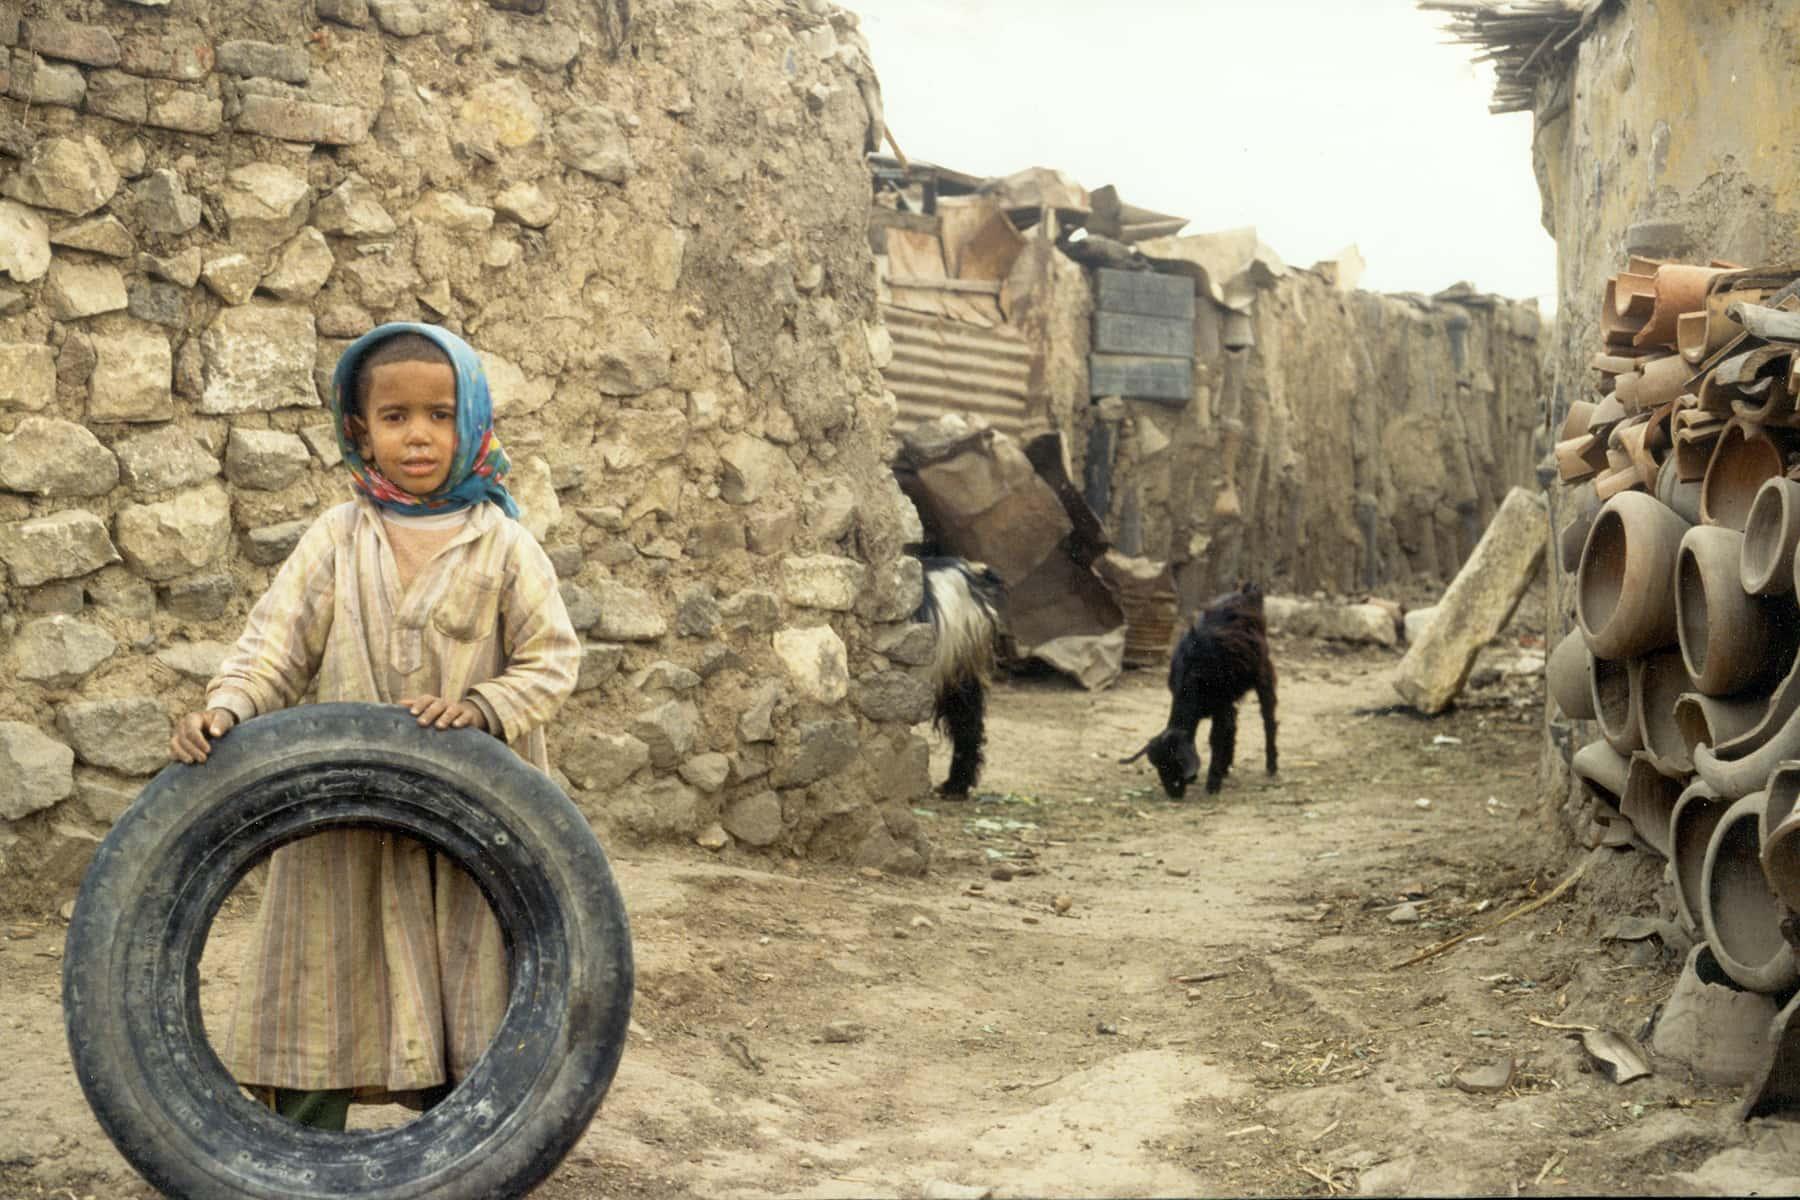 082221_AfghanEconomics_03